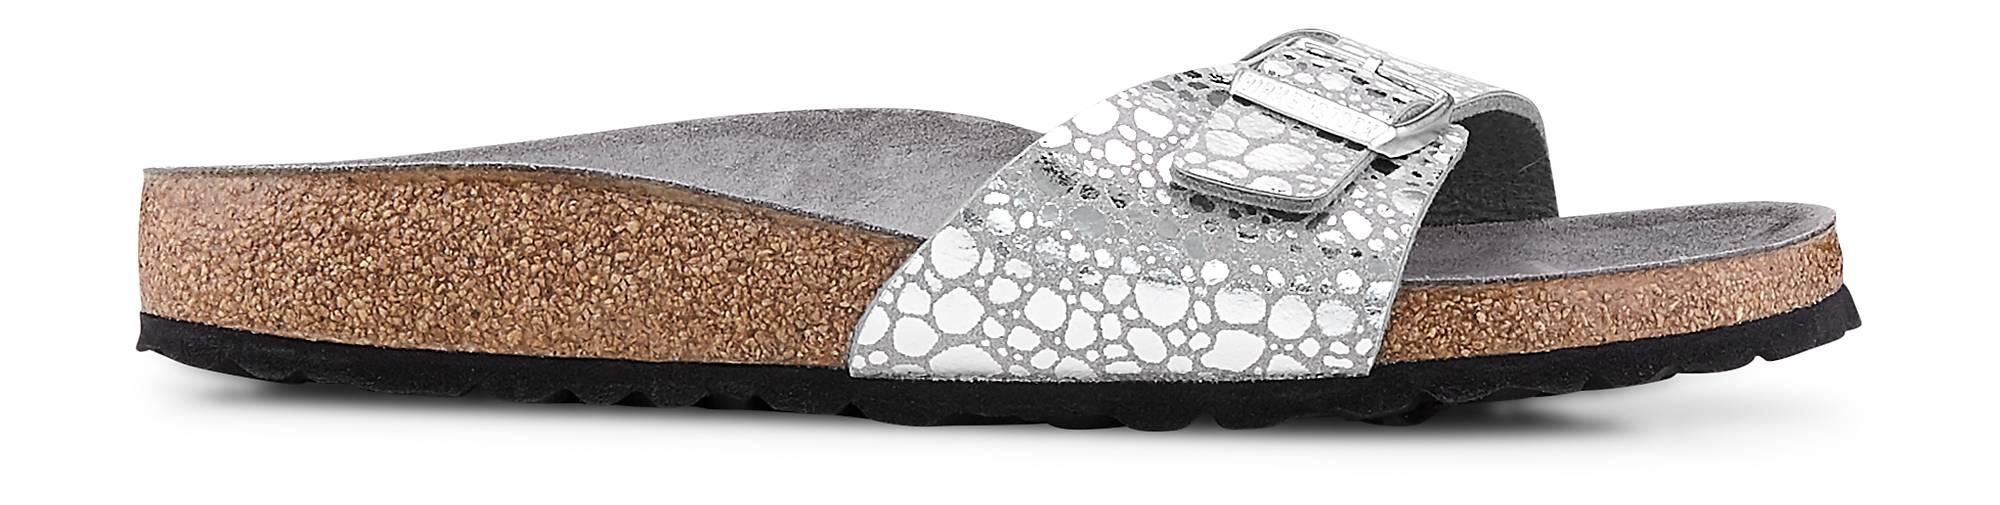 Birkenstock Pantolette MADRID in   silber kaufen - 47486601   in GÖRTZ Gute Qualität beliebte Schuhe 36947c